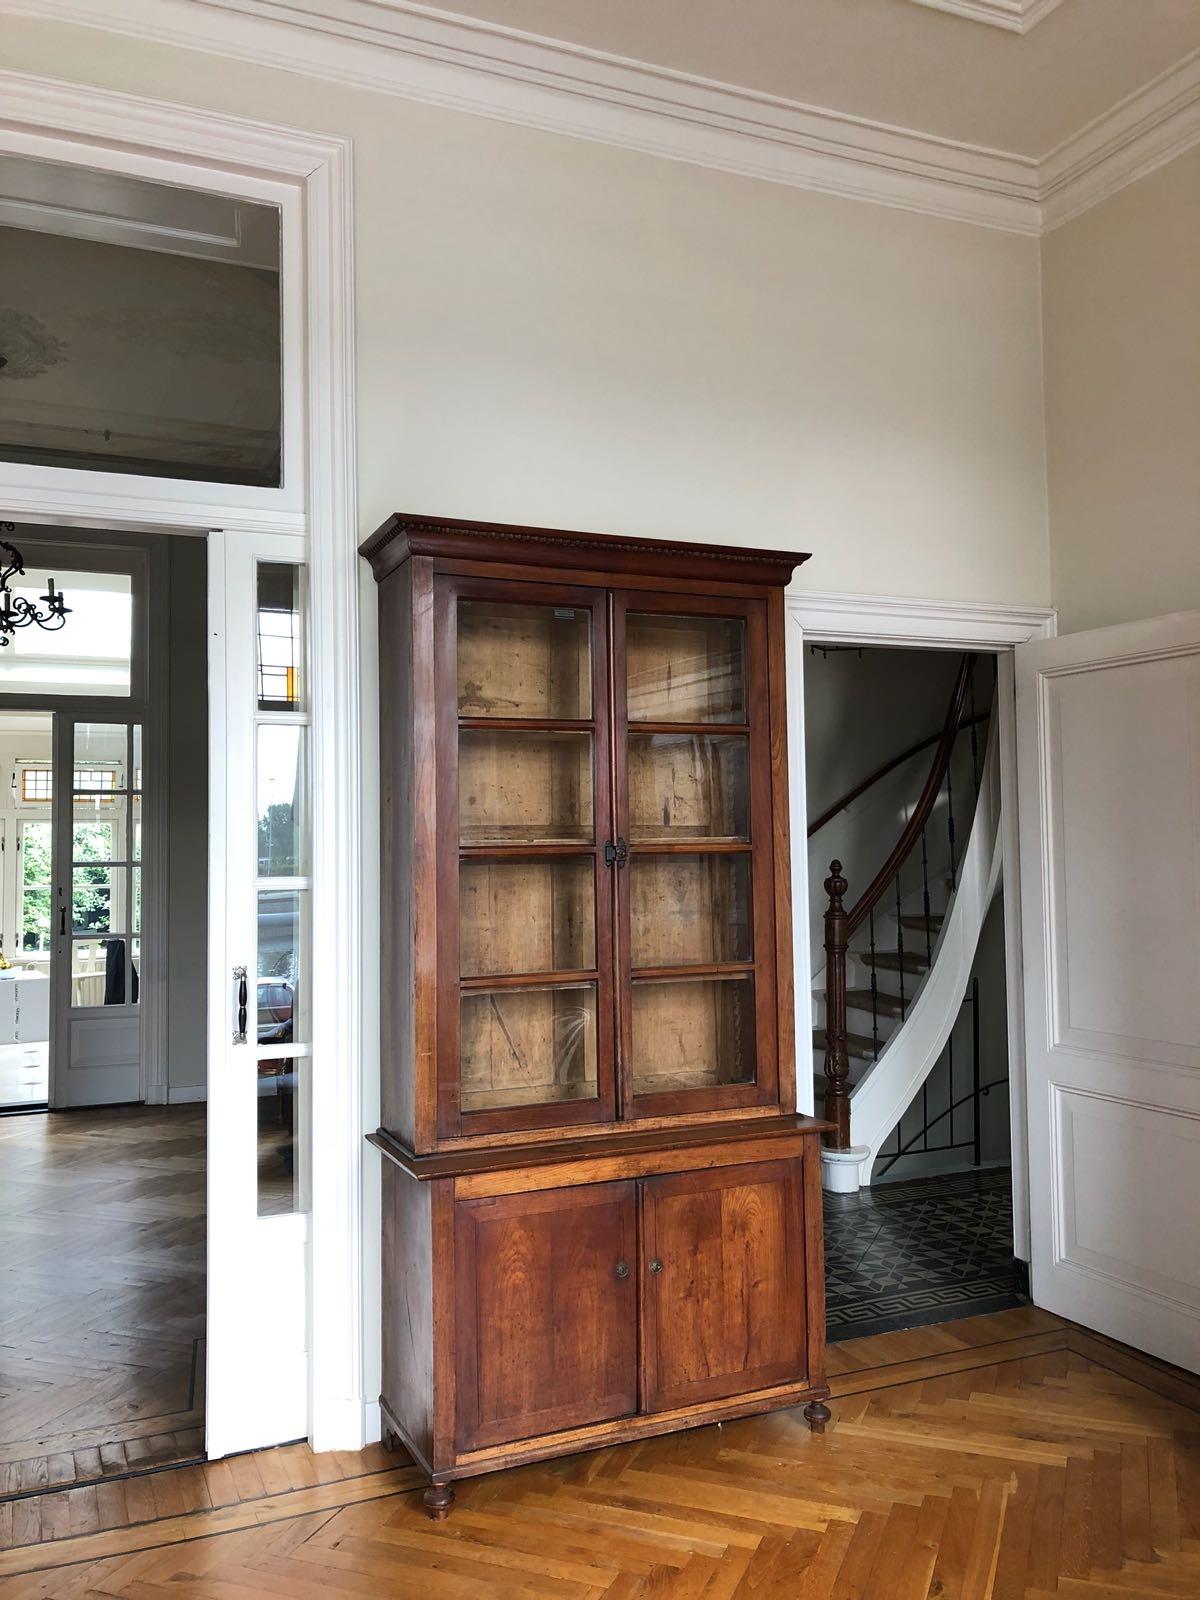 antieke mahonie boekenkast in op prachtige visgraatvloer den ouden steegh